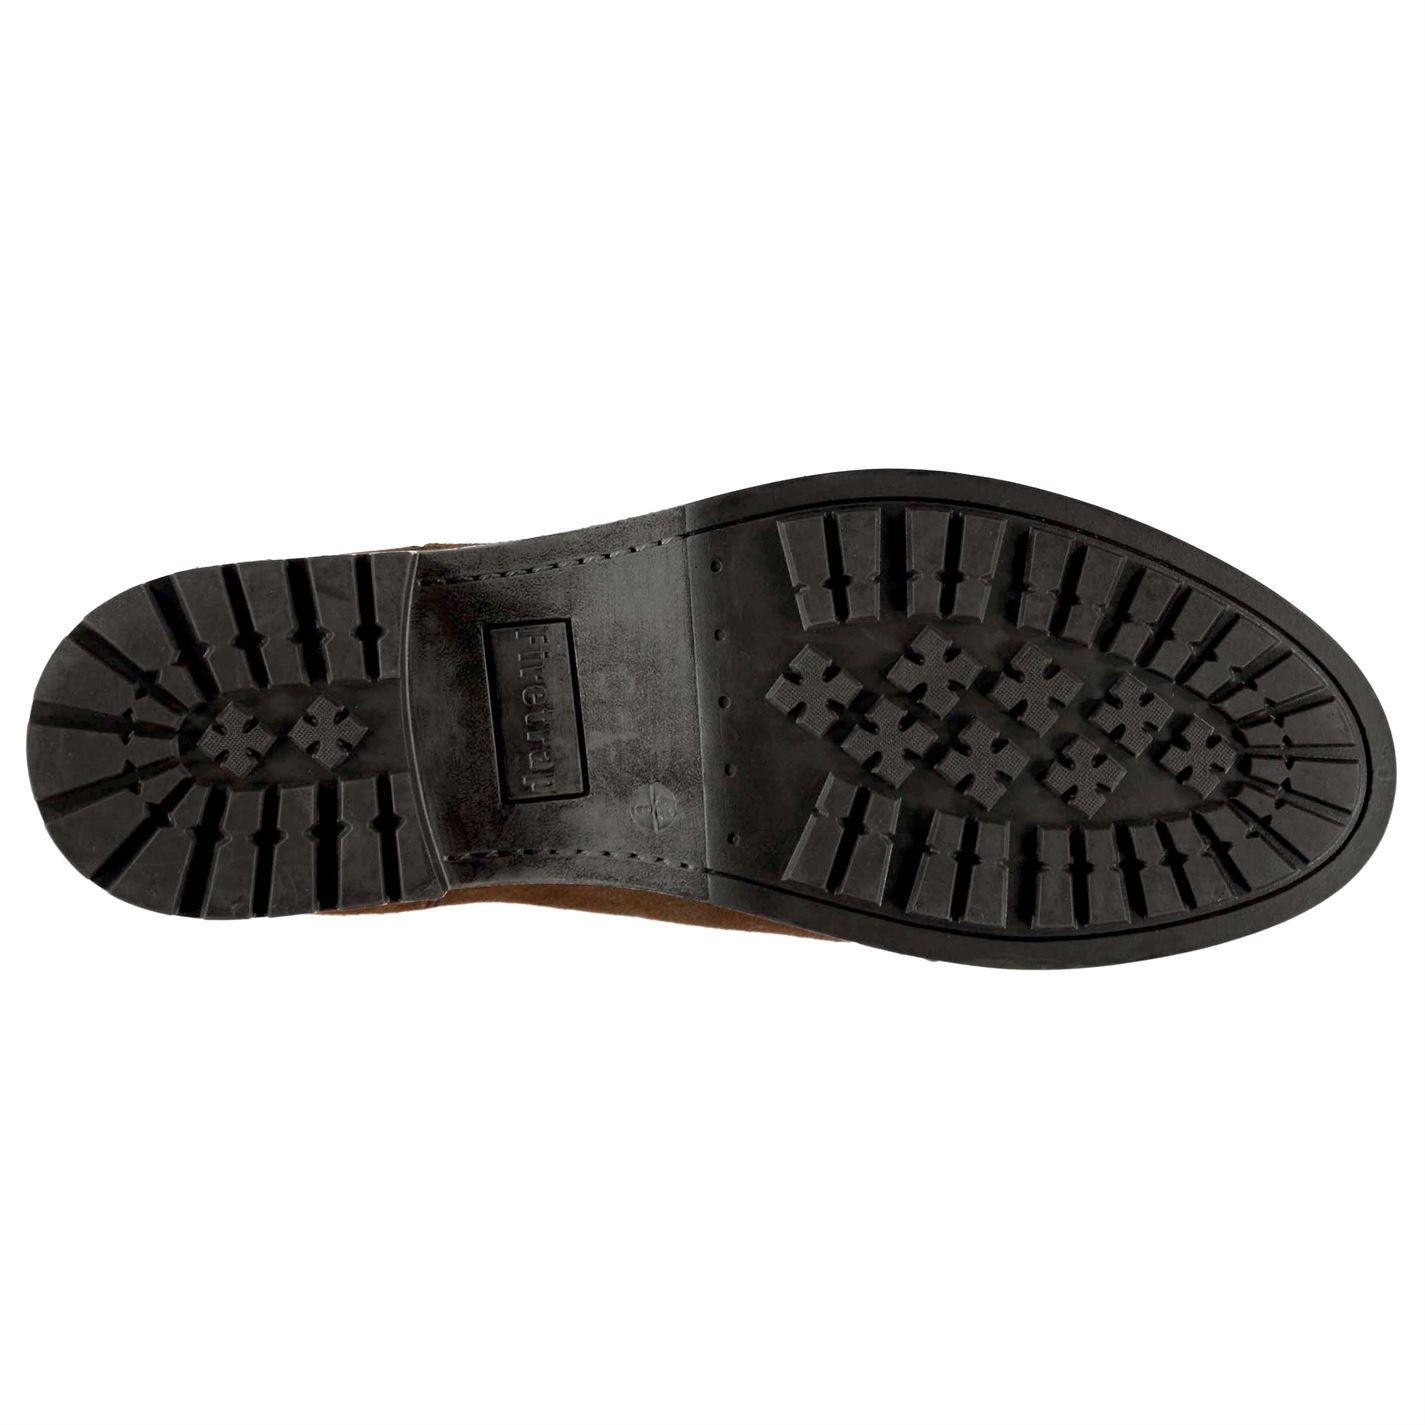 Sd Chelsea Boots Hex Gents Calzature Tan Firetrap Mens gAwqfaxxP